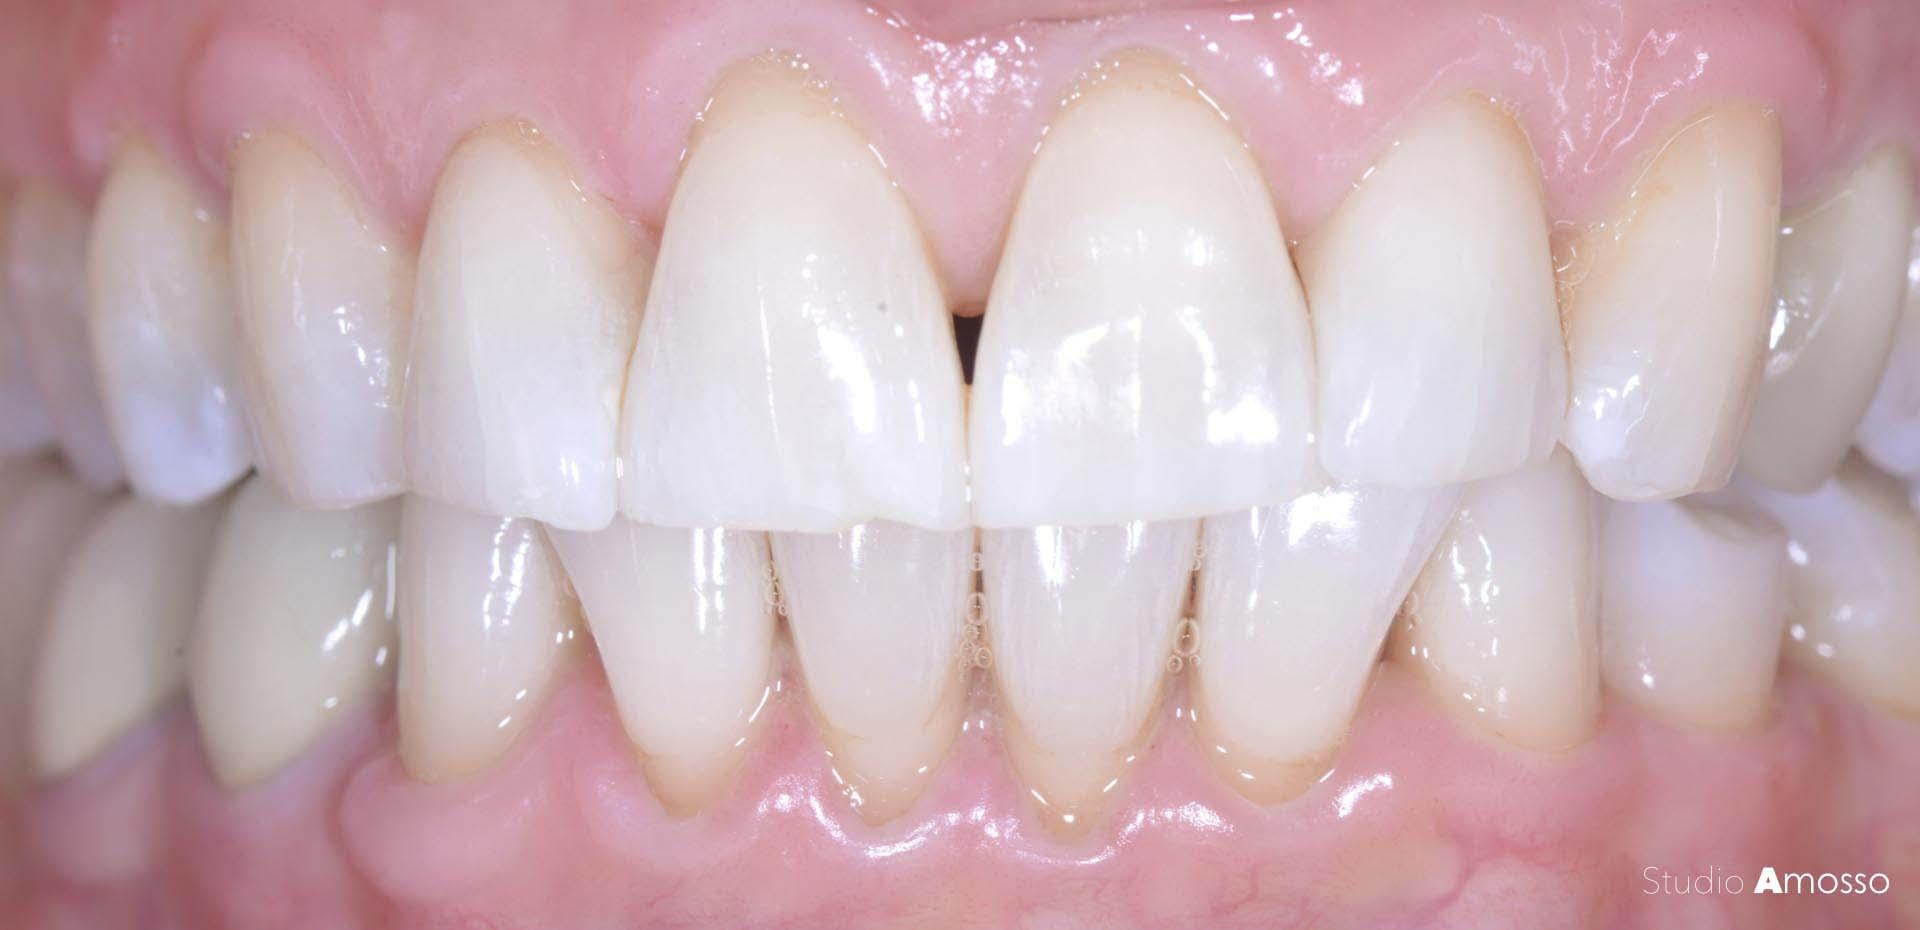 Caso clinico: sbiancamento dentale